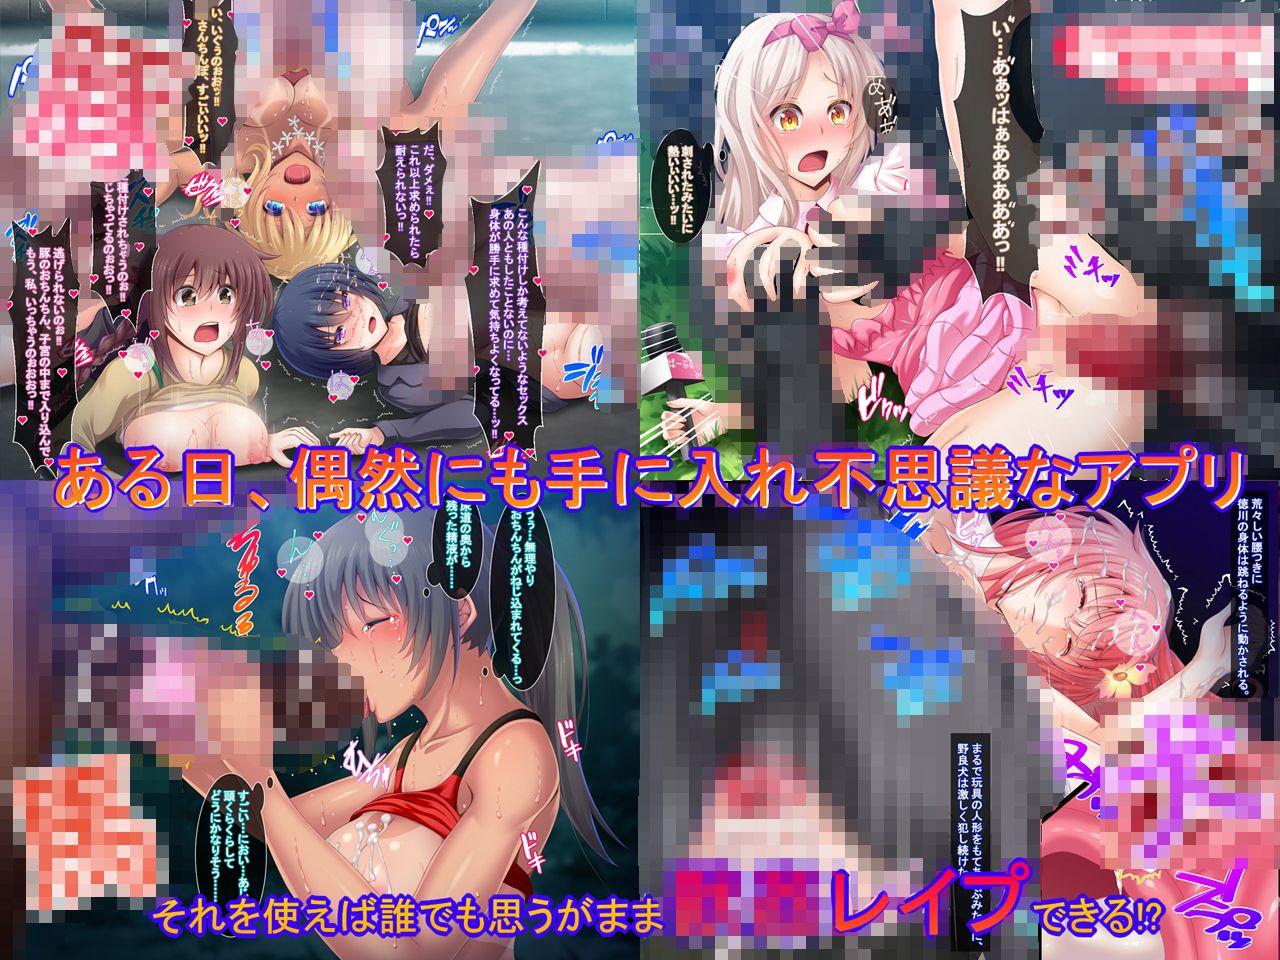 【ぱーぷるきっす 同人】○姦アプリ~ケダモノ操作で犯り放題~